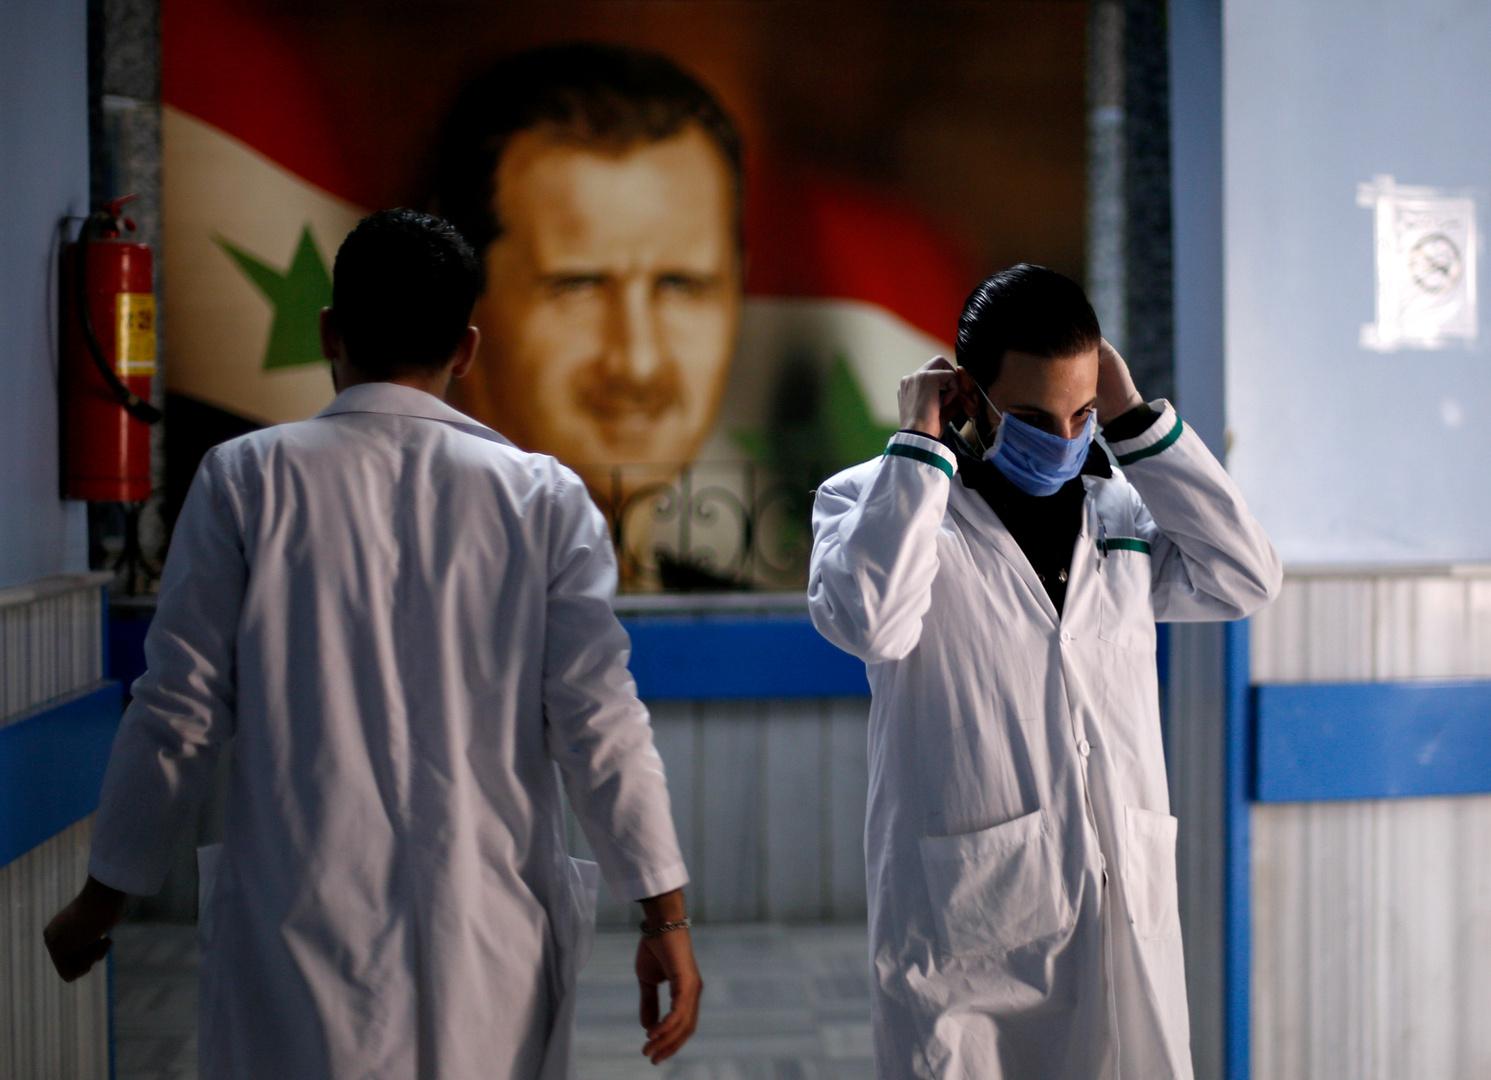 الصحة السورية: تسجيل 15 إصابة جديدة بكورونا ما يرفع العدد الإجمالي إلى 121